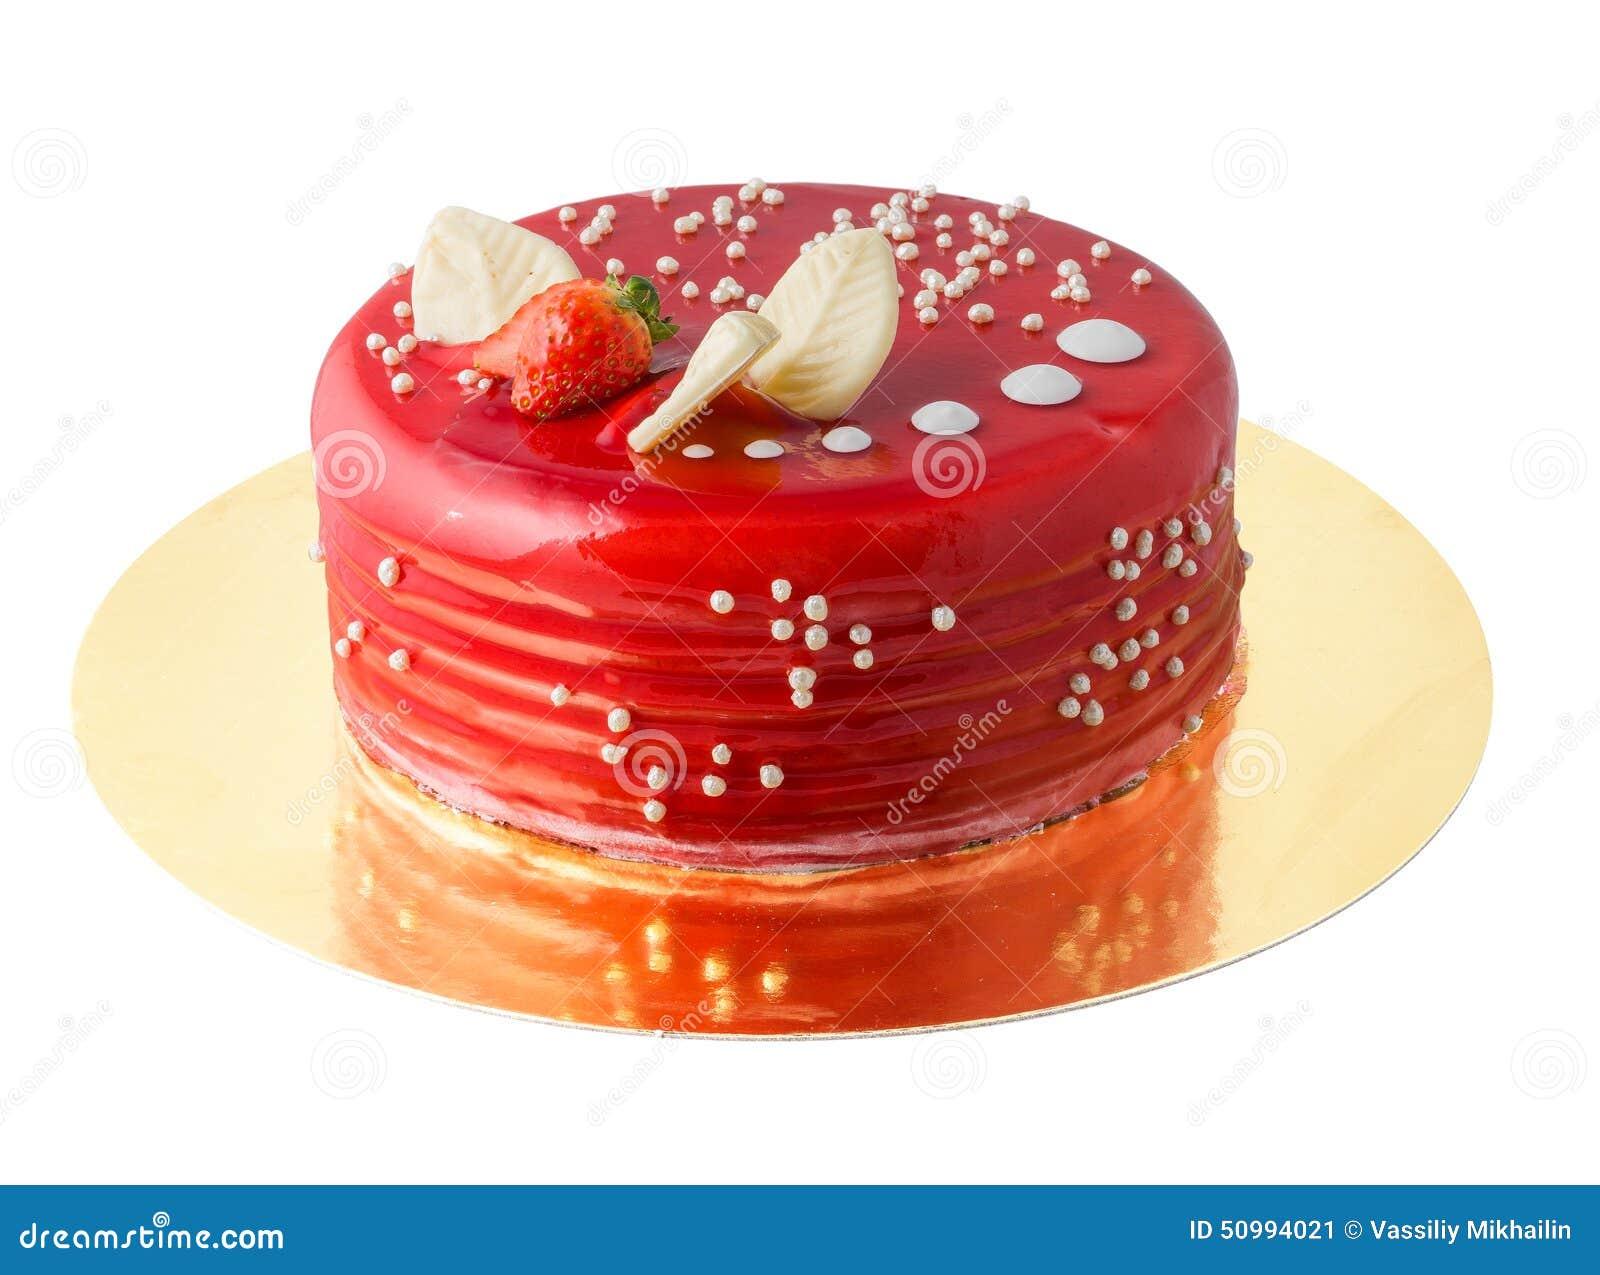 Roter Kuchen Stockbild Bild Von Suss Geback Nachtisch 50994021